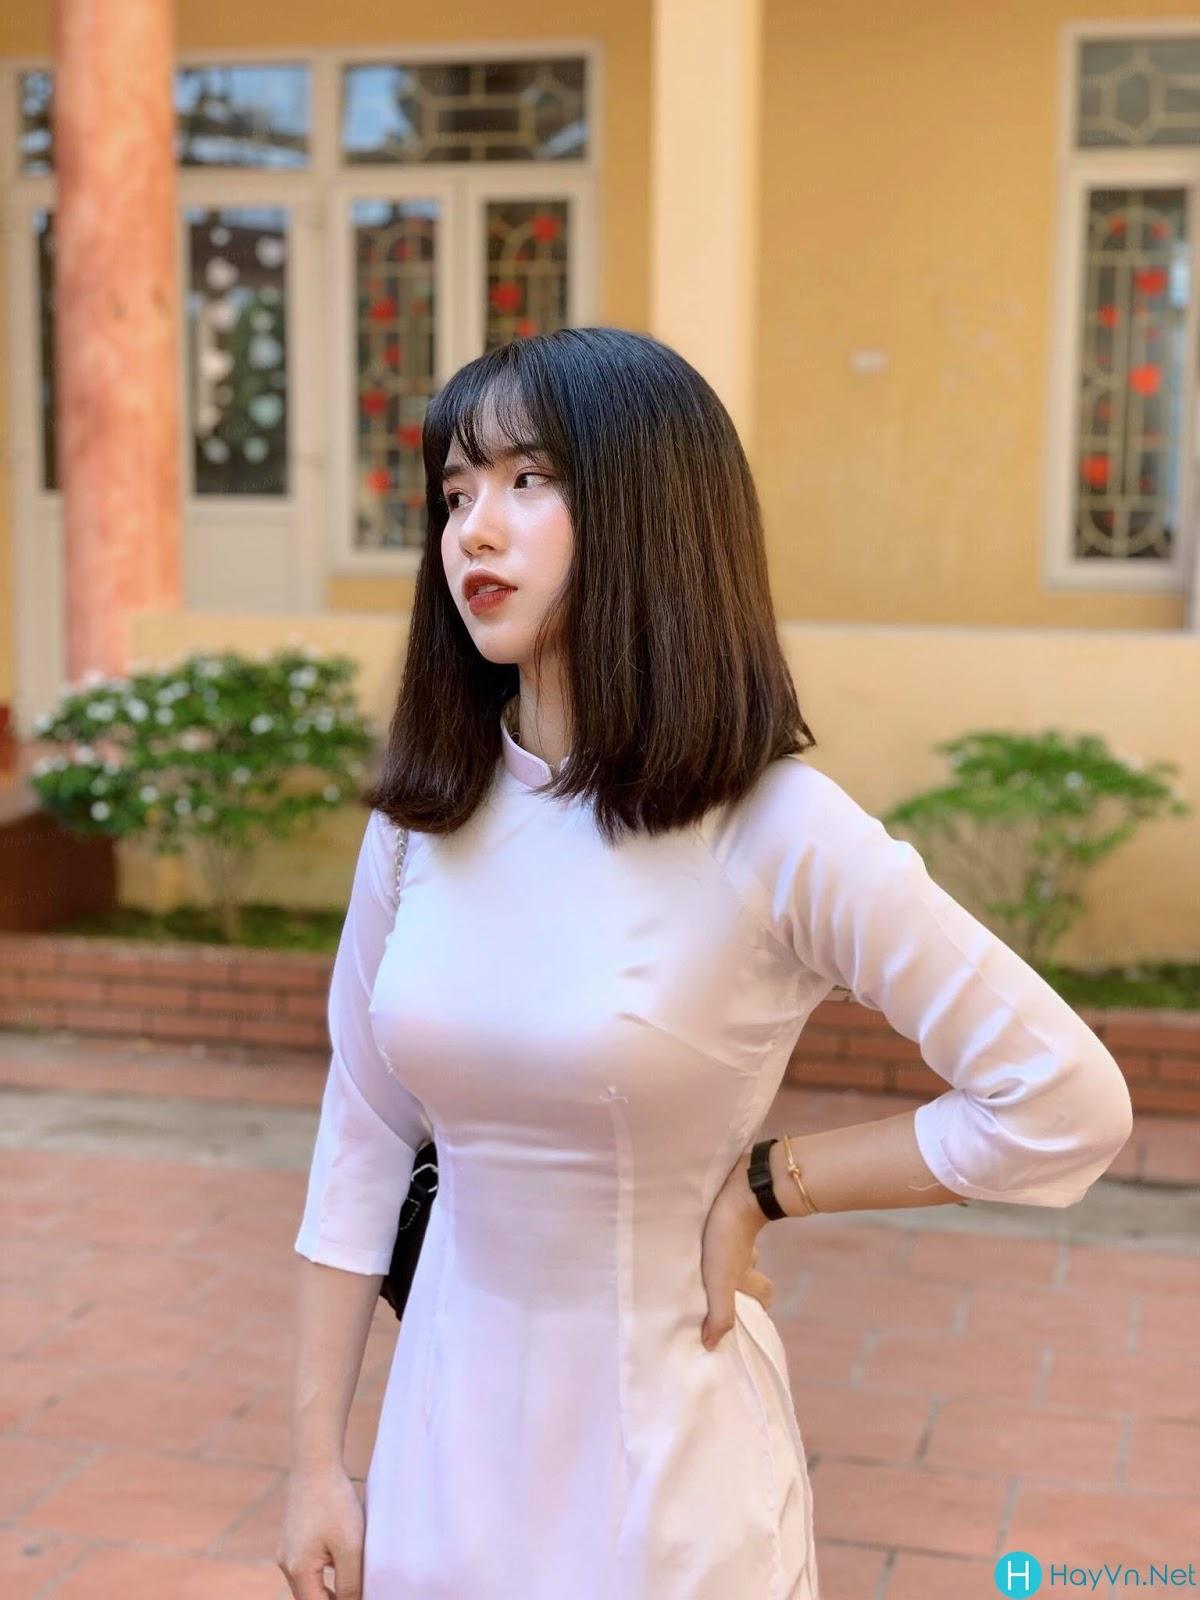 Model Thanh Nga | E-CUP